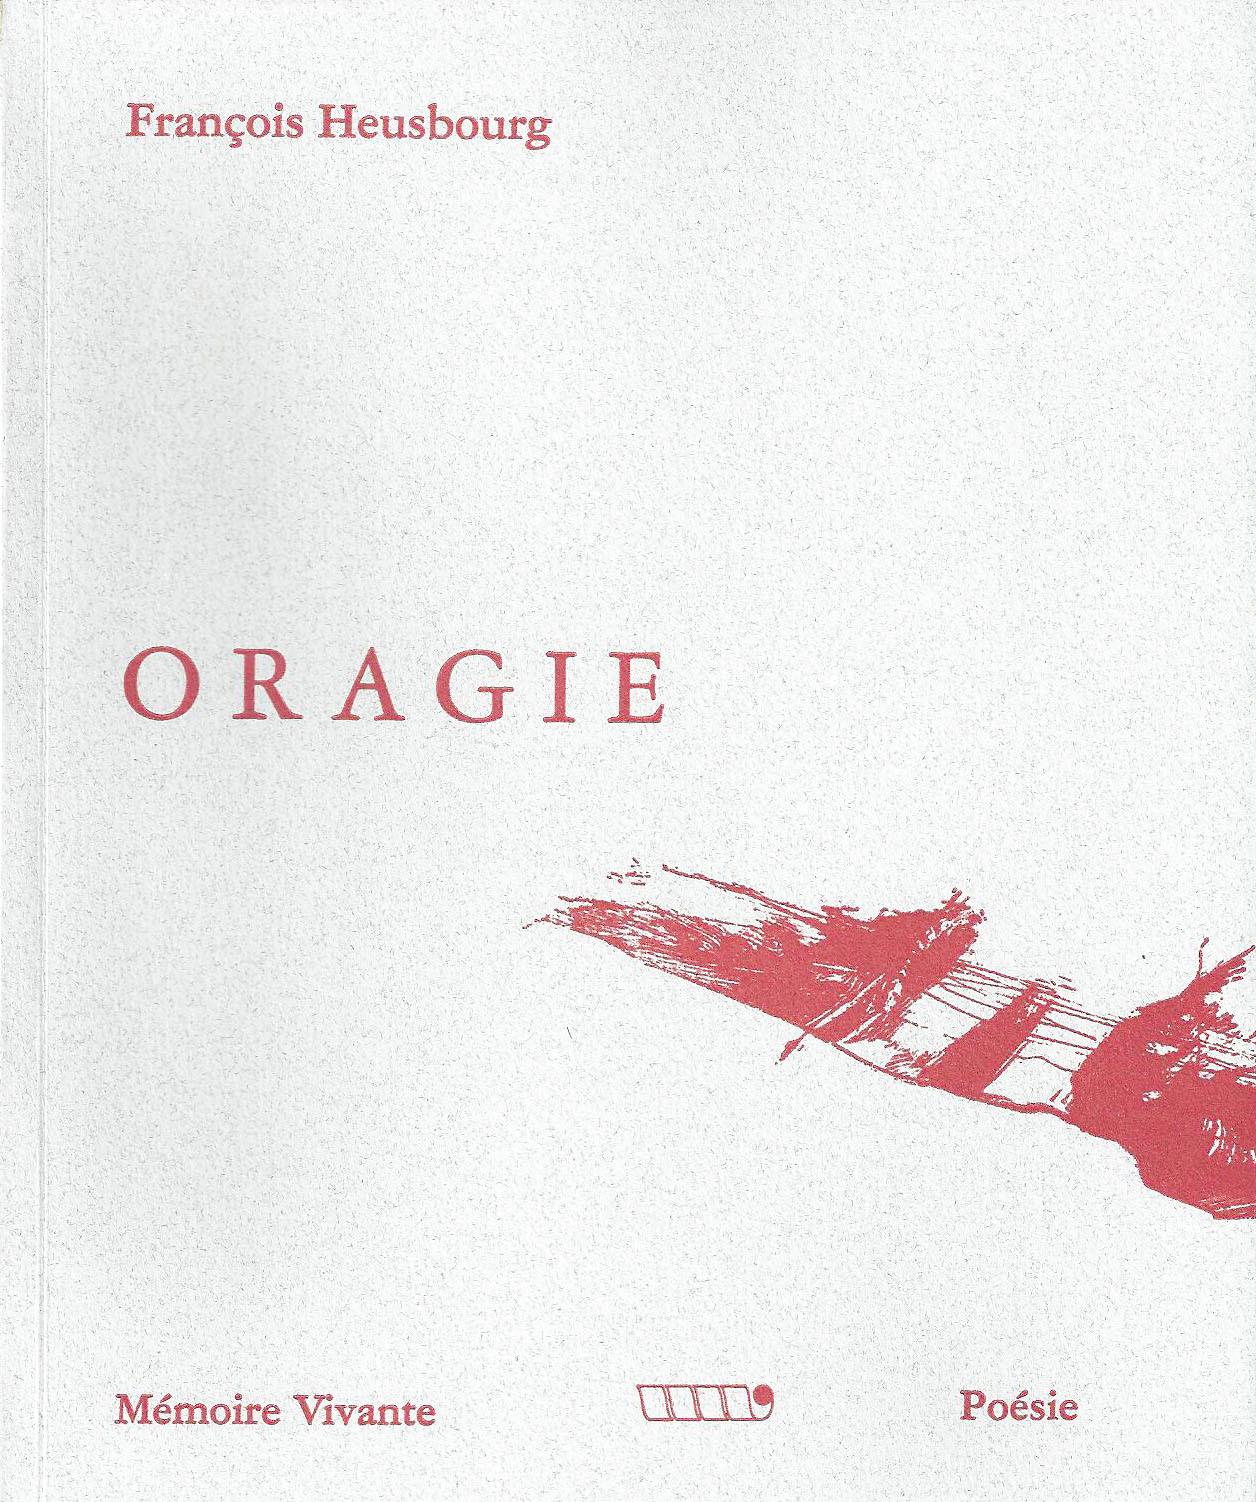 ORAGIE